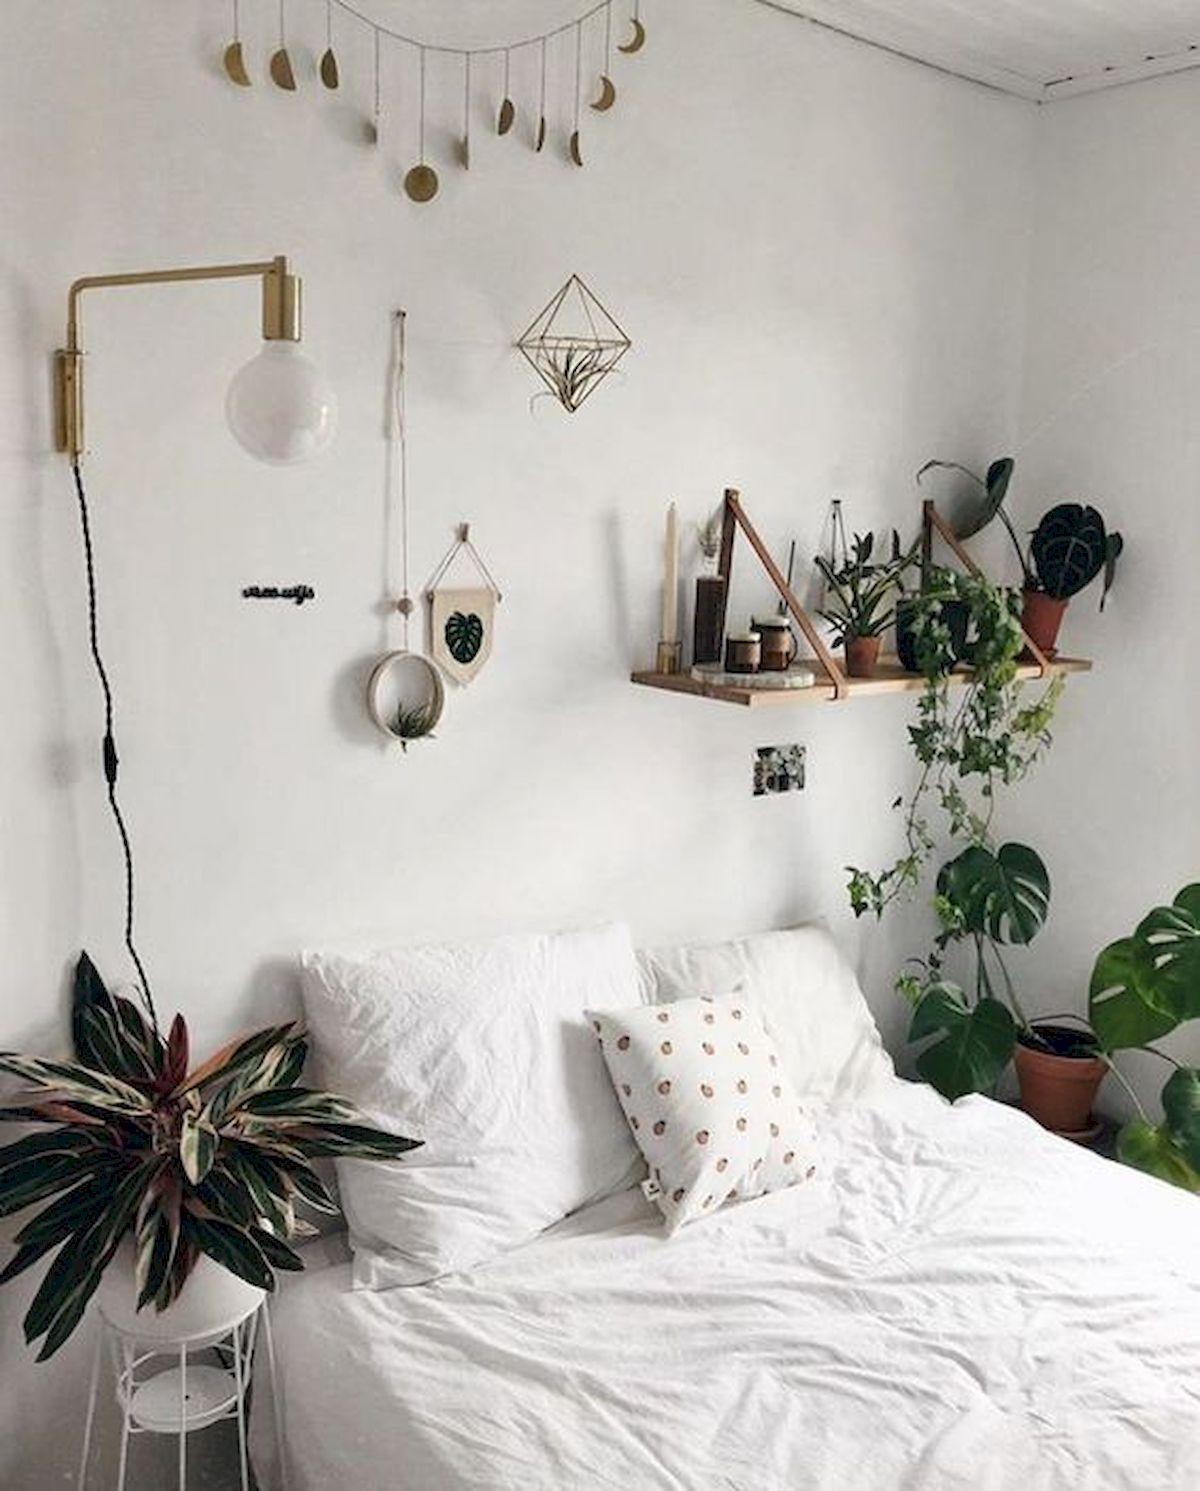 40 Minimalist Bedroom Ideas: 40 Awesome Artsy Bedroom Decor Ideas